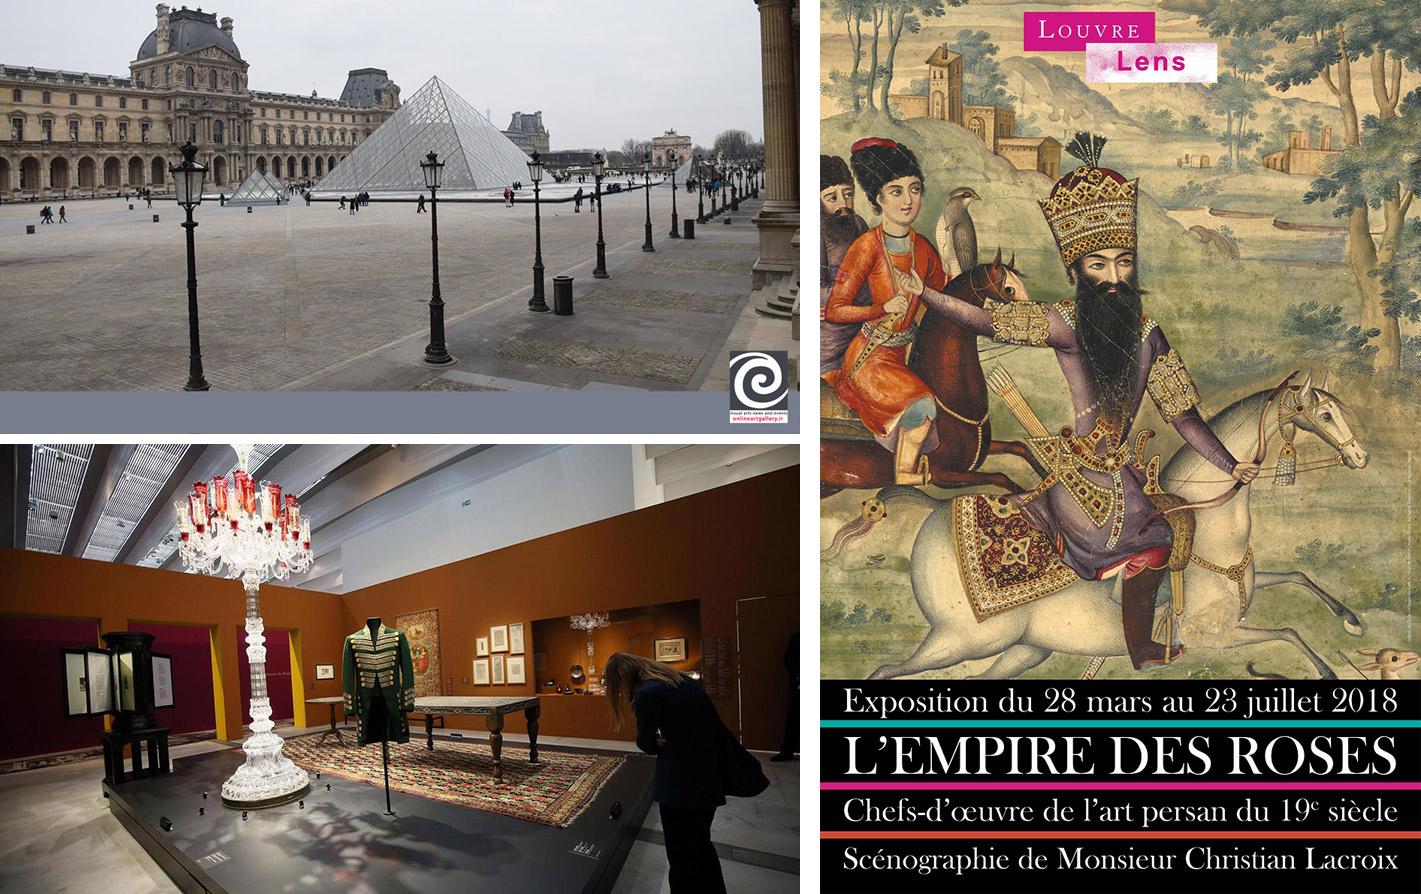 گزارش تصویری نمایشگاه «امپراتوری گلهای سرخ» در موزه لوور (بخش اول)